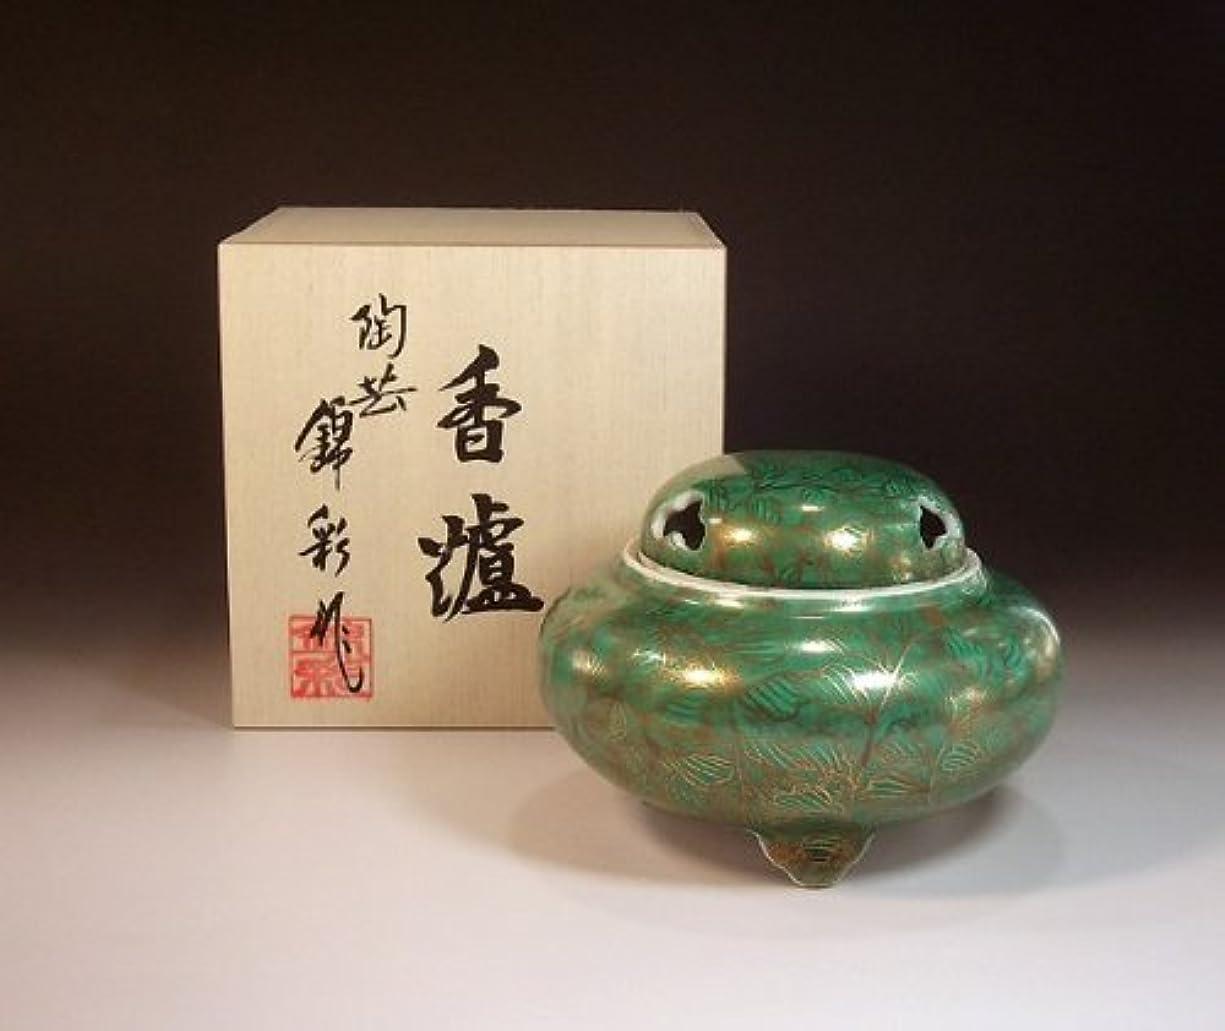 有田焼?伊万里焼の高級香炉陶器|贈答品|ギフト|記念品|贈り物|金彩唐草?陶芸家 藤井錦彩